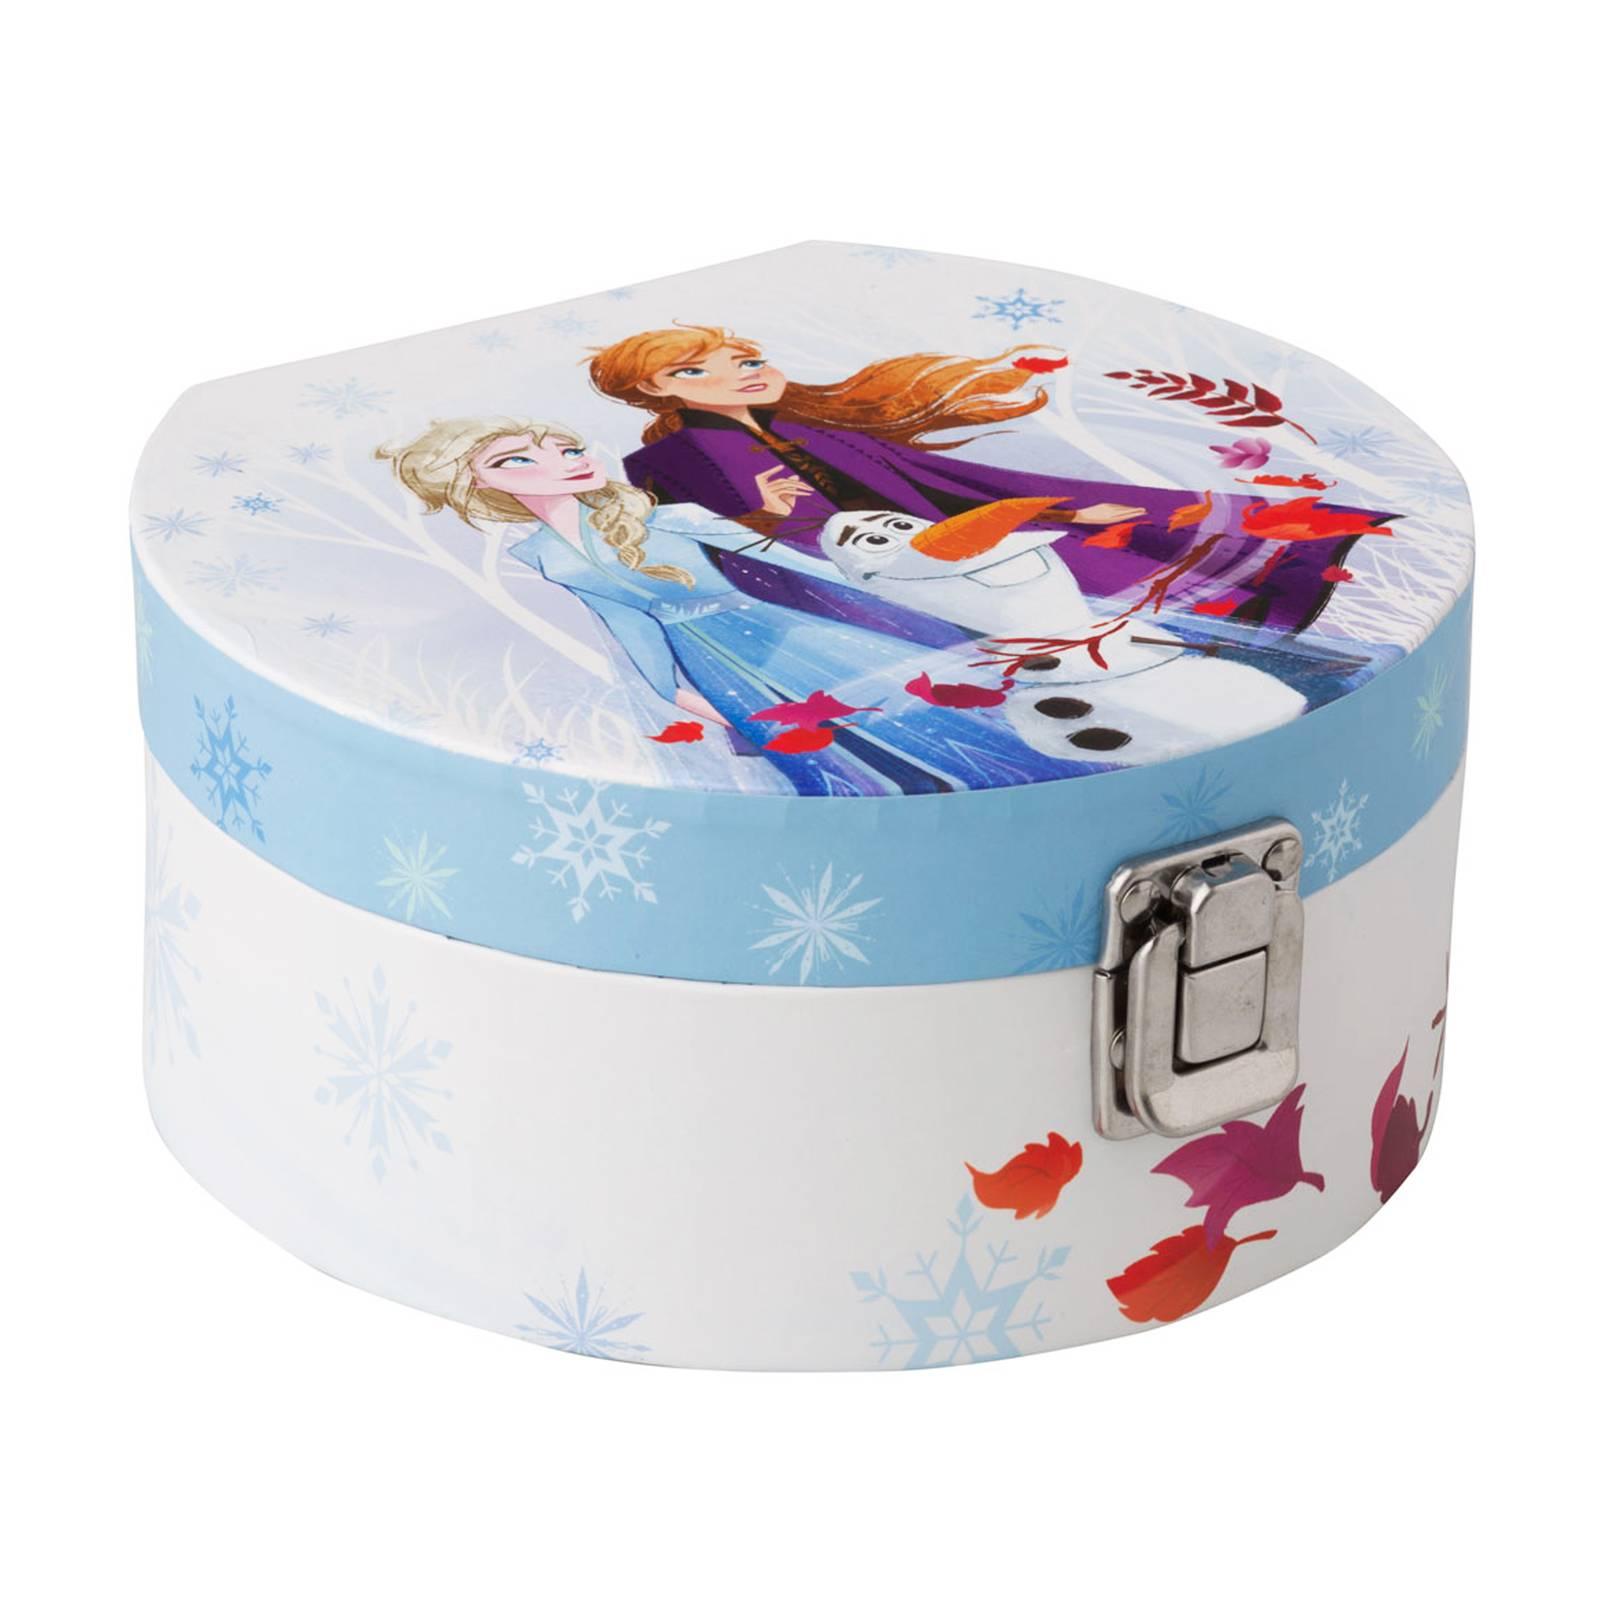 Jewellery box with mirror Frozen II Blue 17 x 15,5 x 8 cm DISNEY